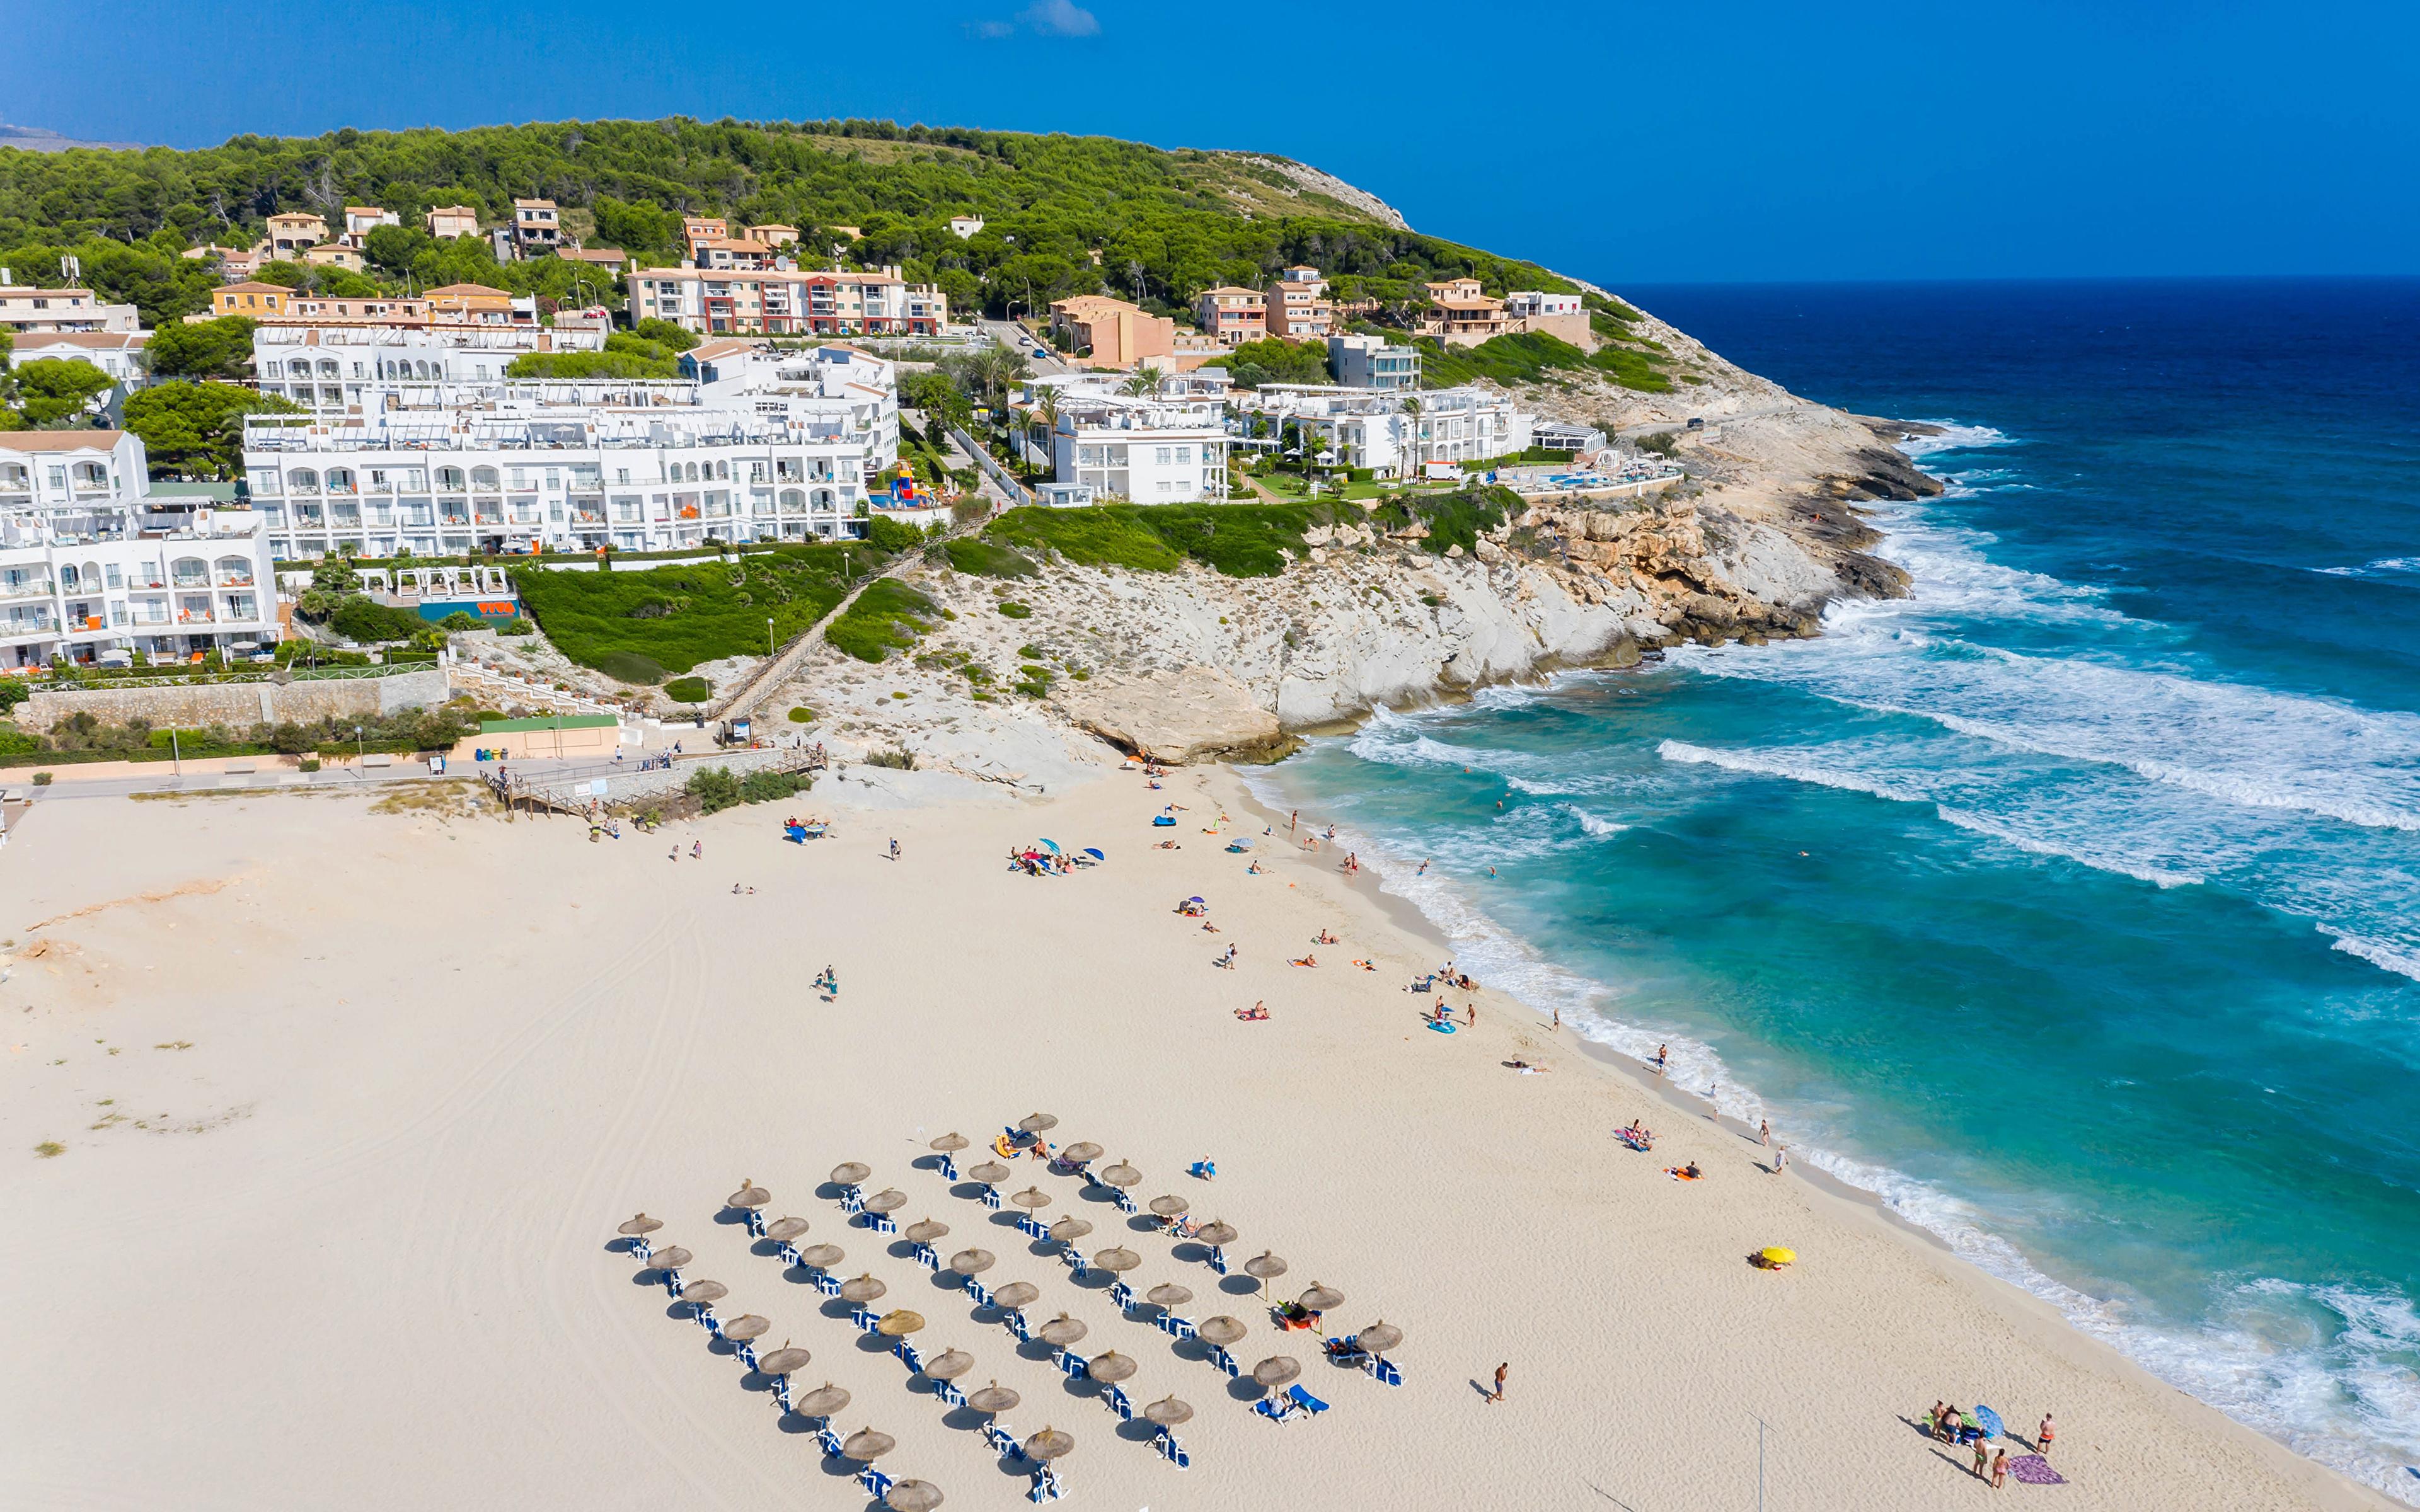 Обои для рабочего стола Мальорка Майорка Испания Курорты Cala Mesquida пляжа Дома город 3840x2400 Пляж пляже пляжи Здания Города